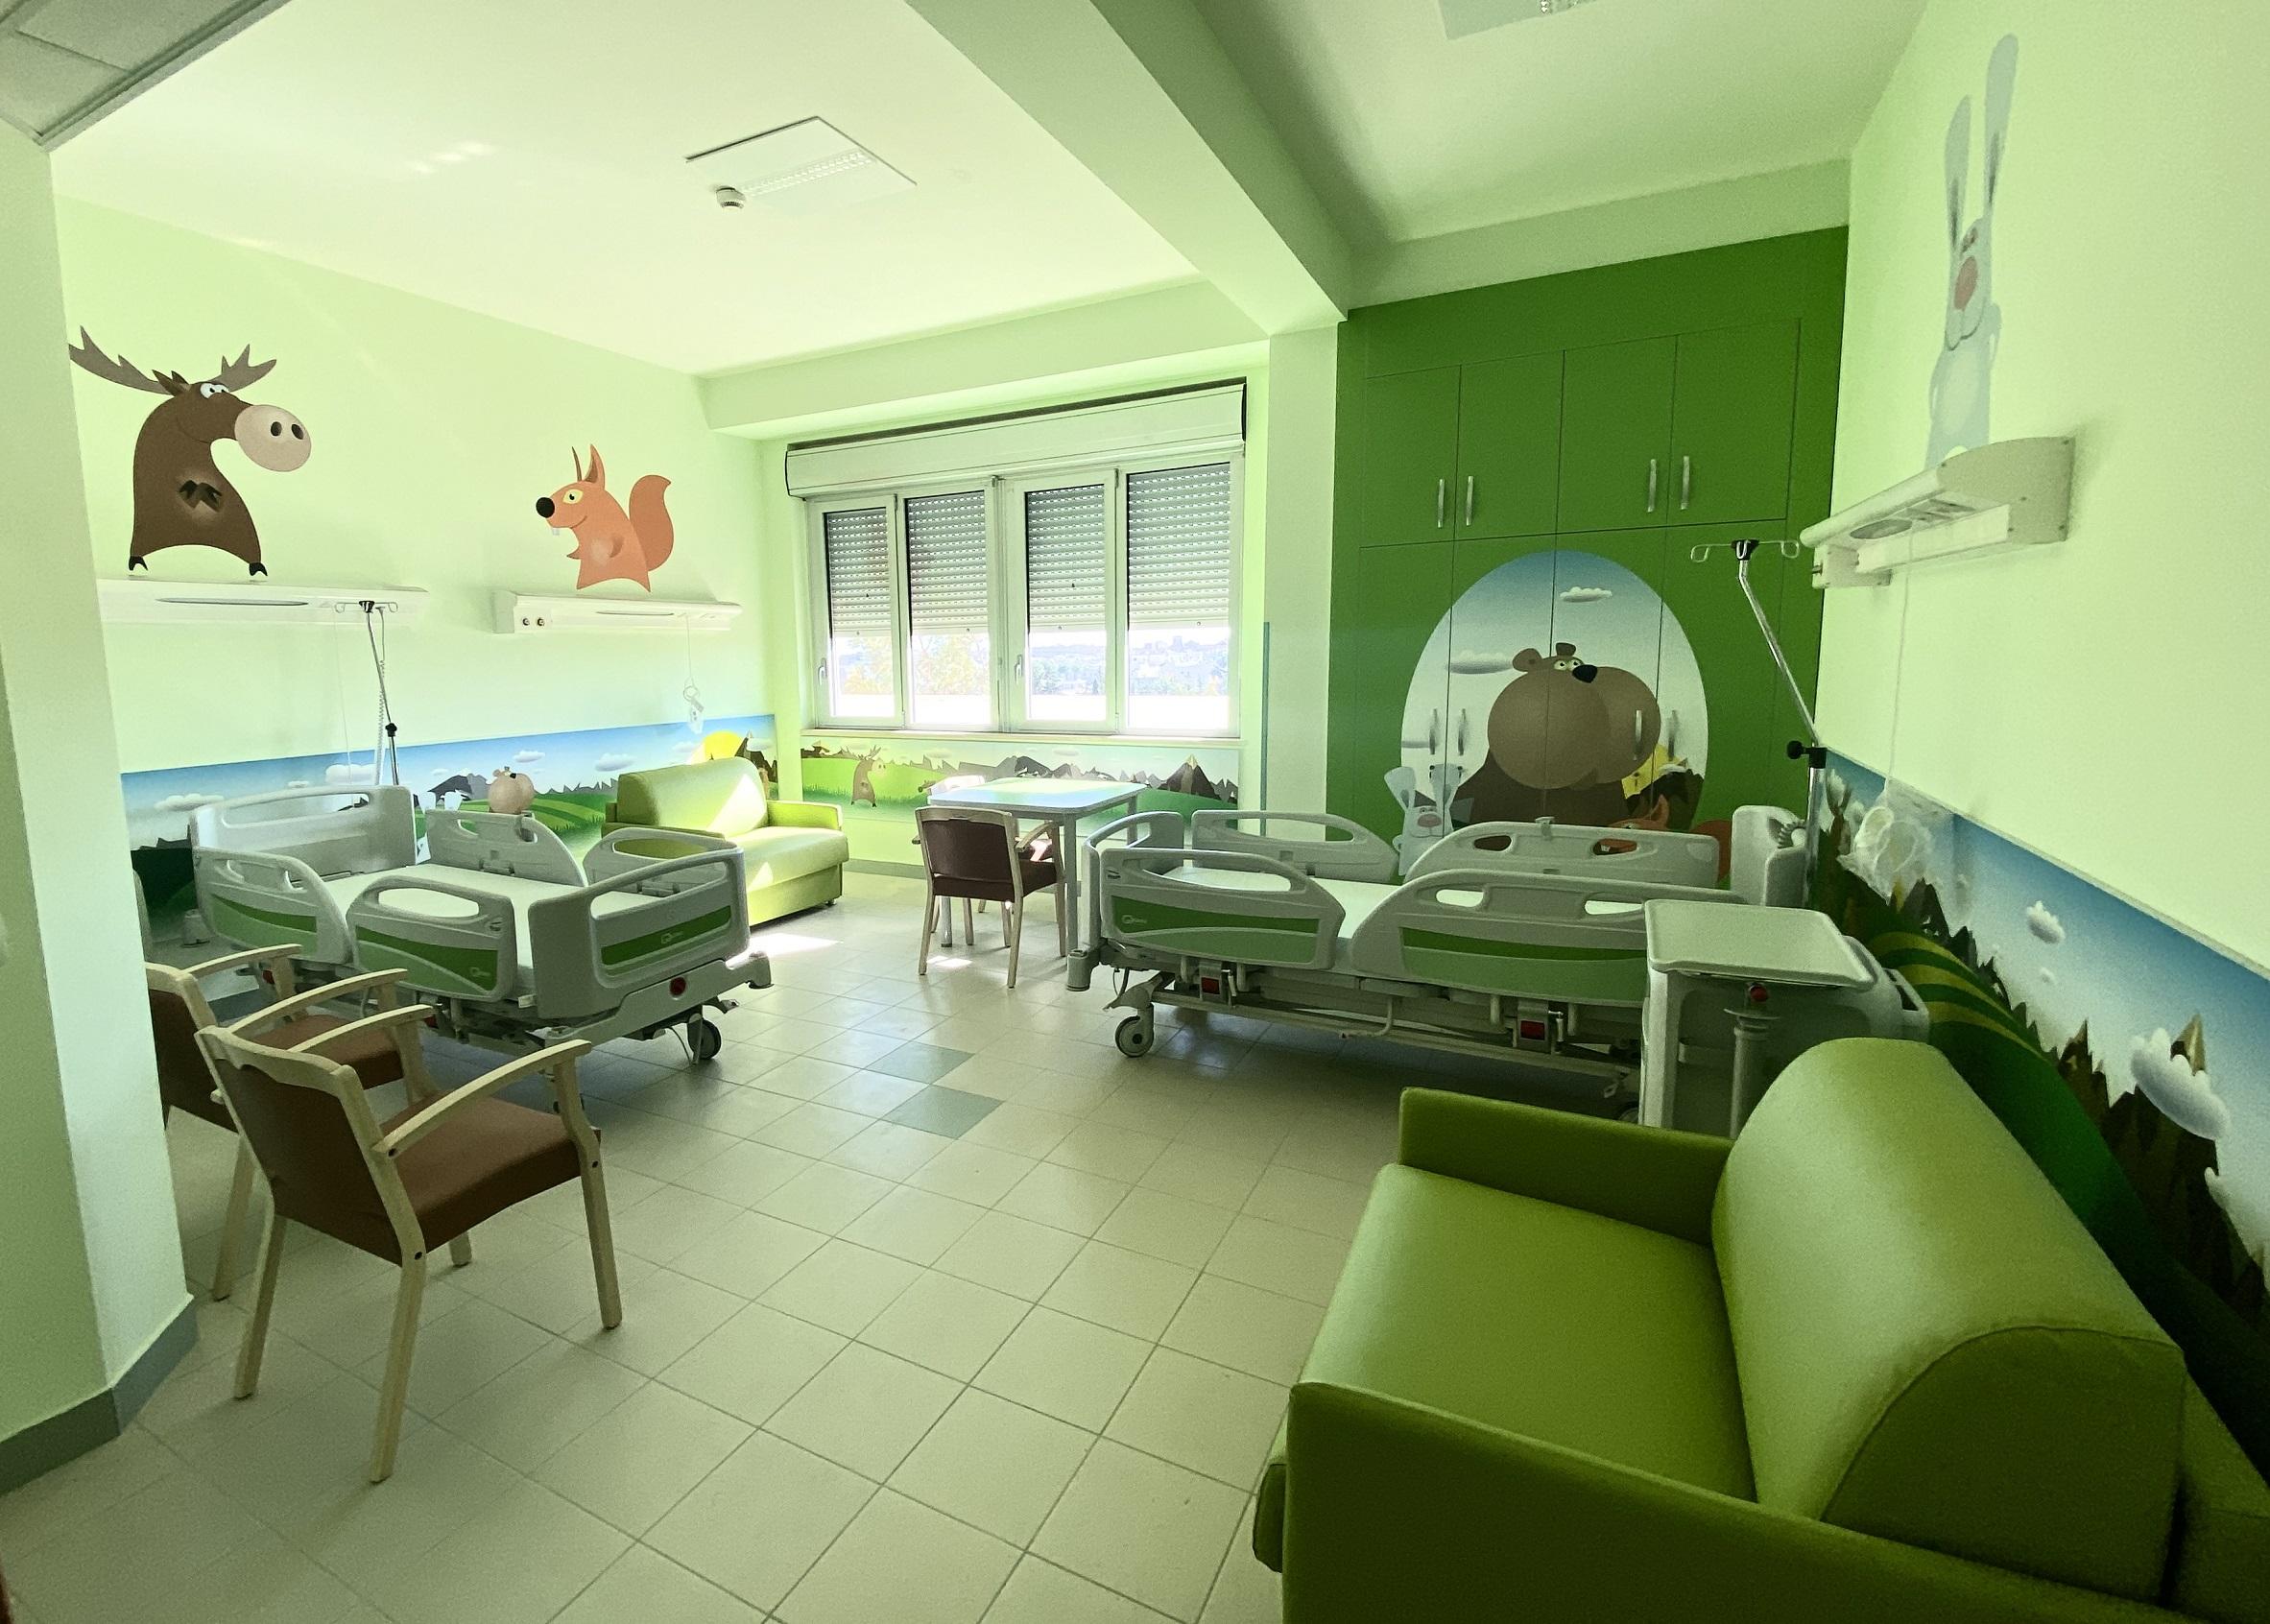 Arredo Casa Francavilla Fontana apertura del nuovo reparto di pediatria presso l'ospedale di